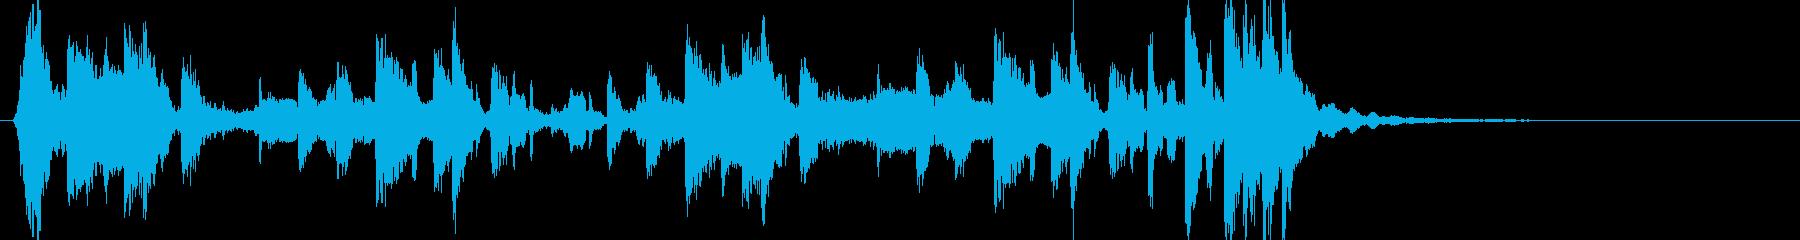 和風 鼓 掛け声HIPHOPアレンジの再生済みの波形